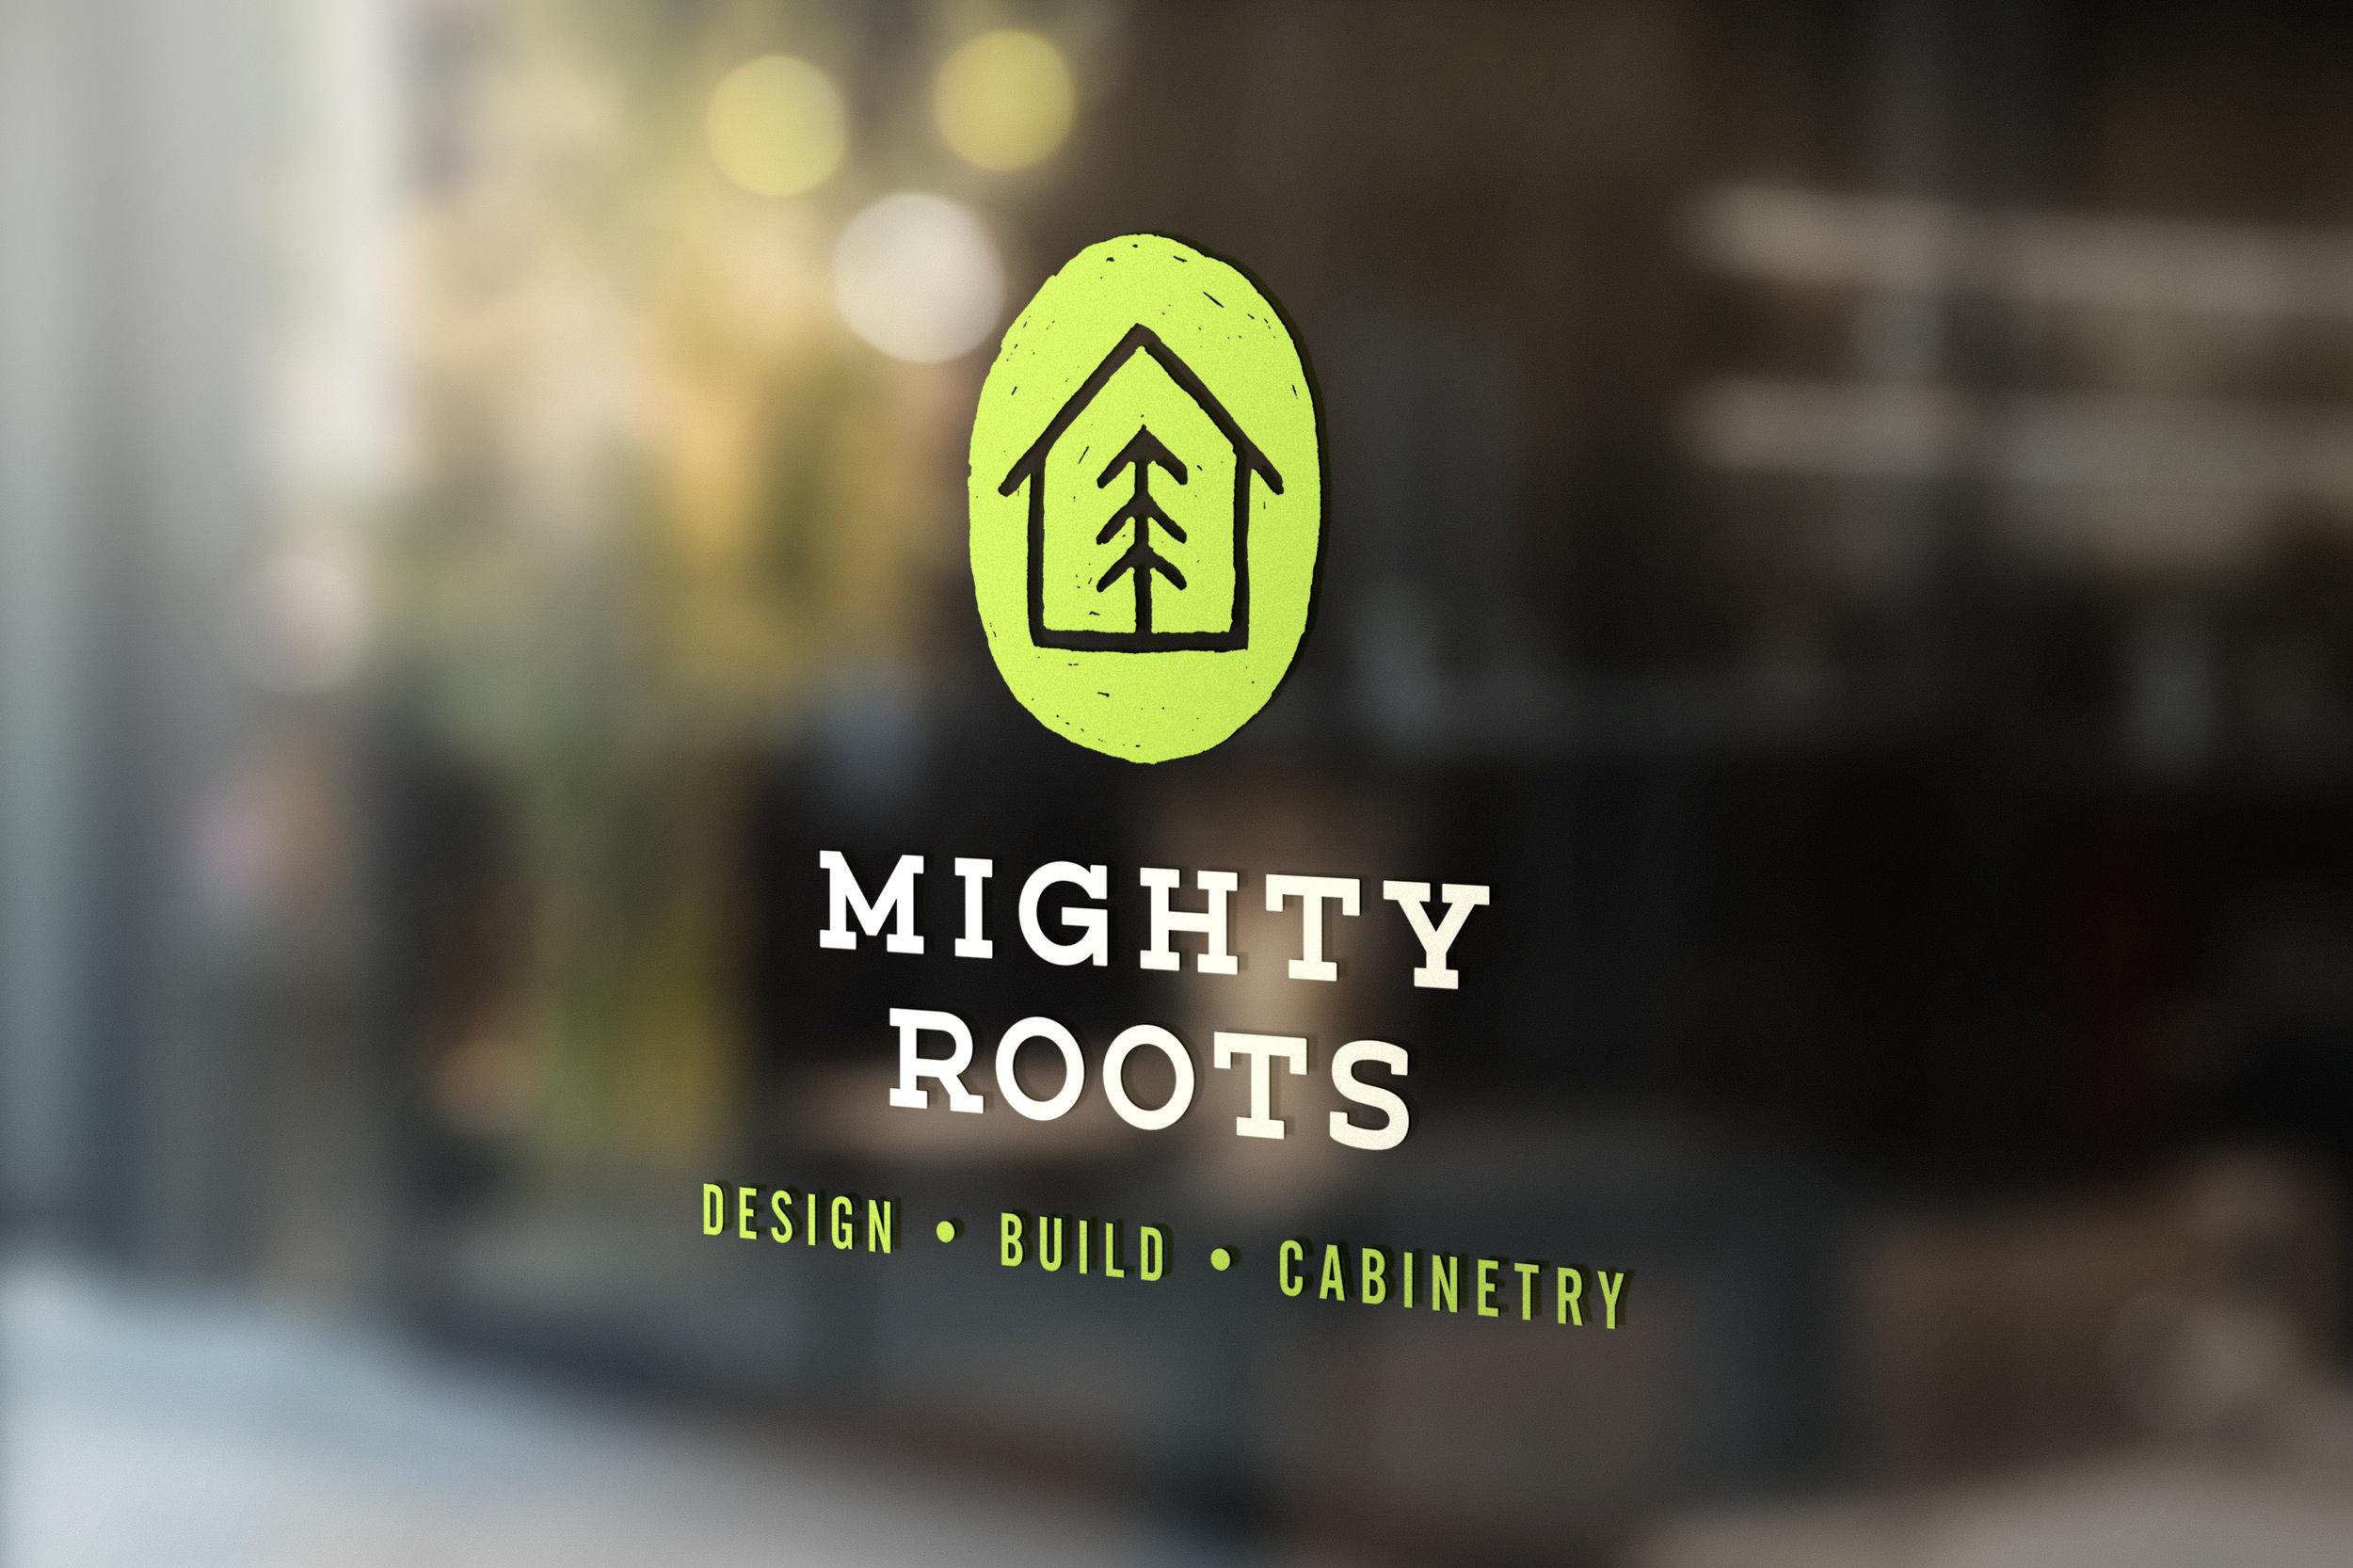 MightyRoots-WindowSignage.jpg